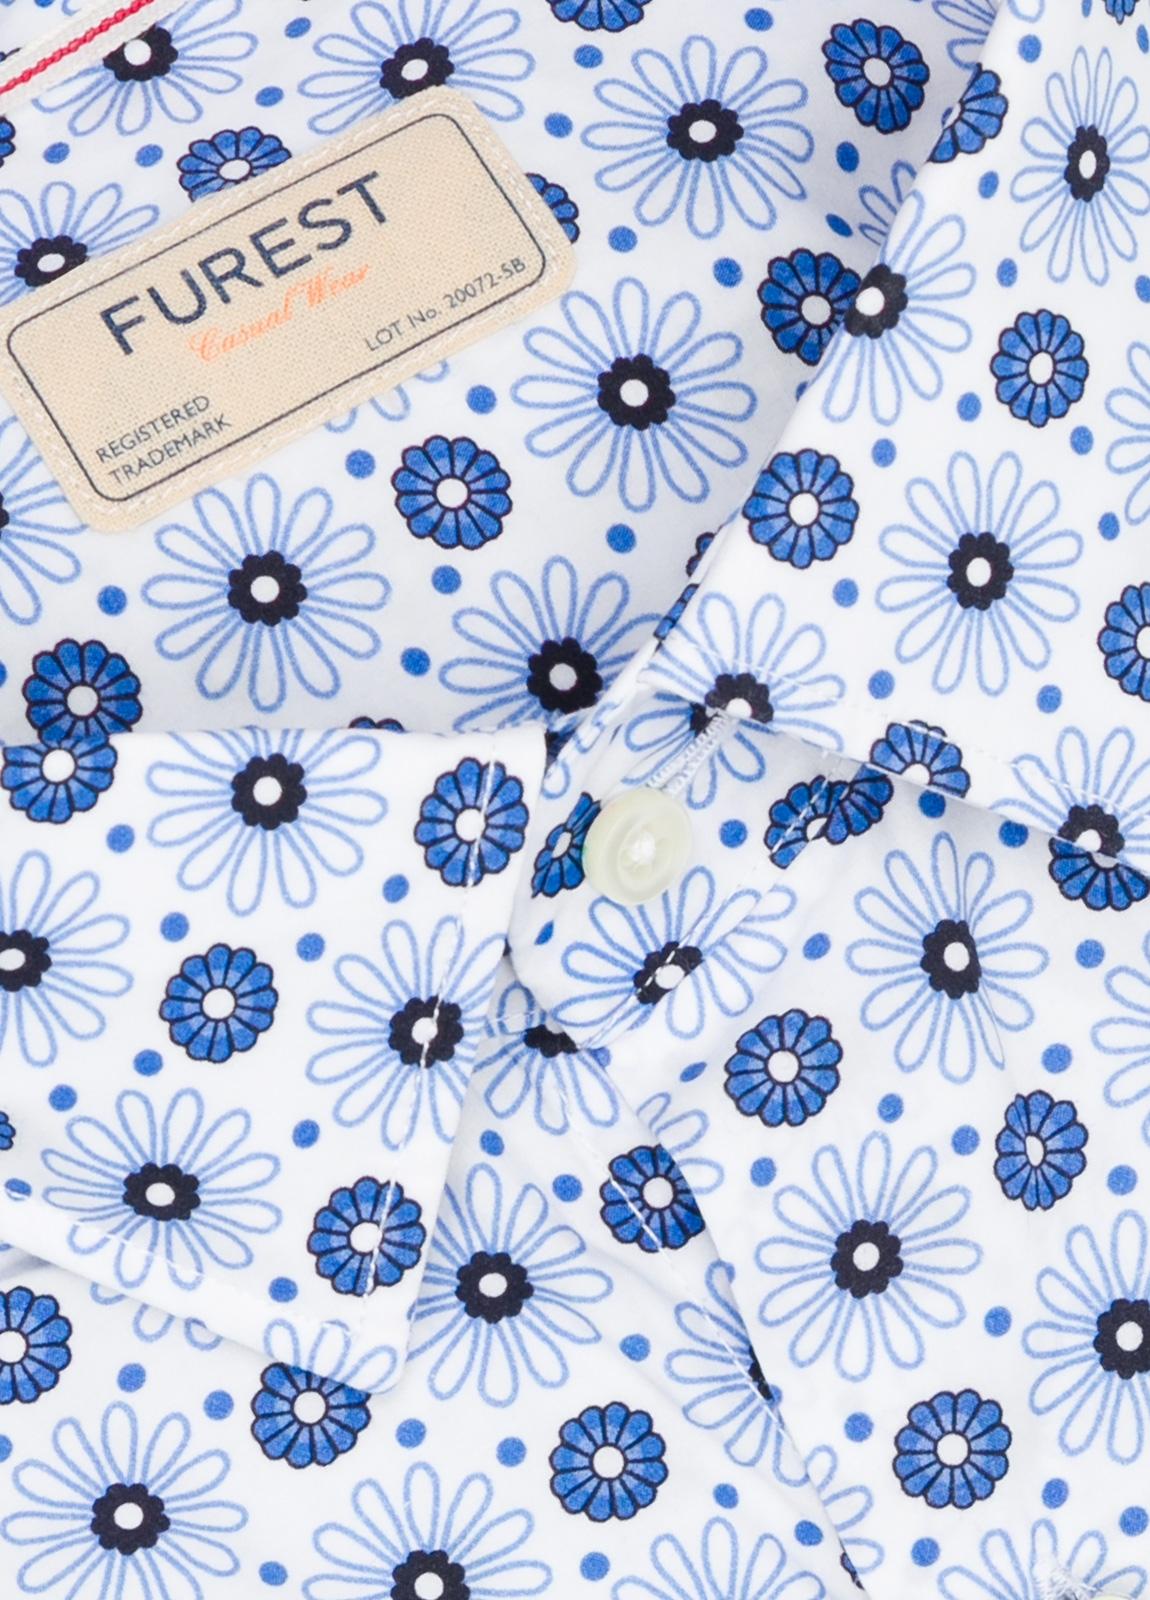 Camisa Casual Wear SLIM FIT Modelo PORTO estampado floral color azul. 100% Algodón. - Ítem1